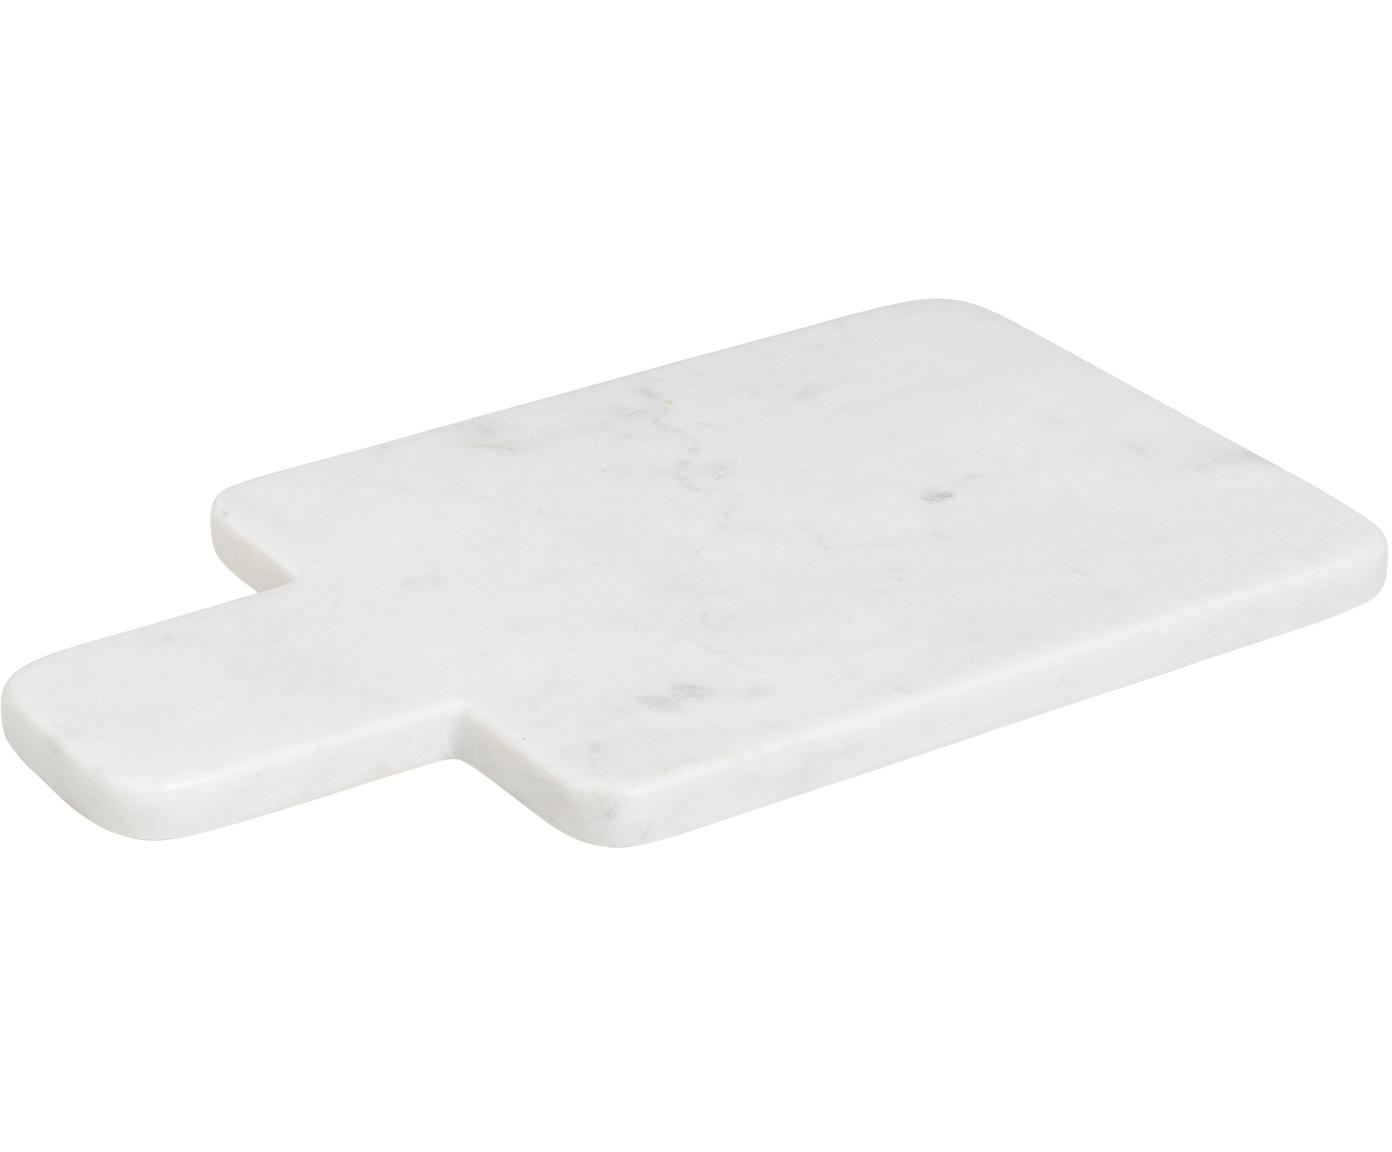 Marmor-Schneidebrett Adam, Marmor, Weiß, B 30 x T 17 cm